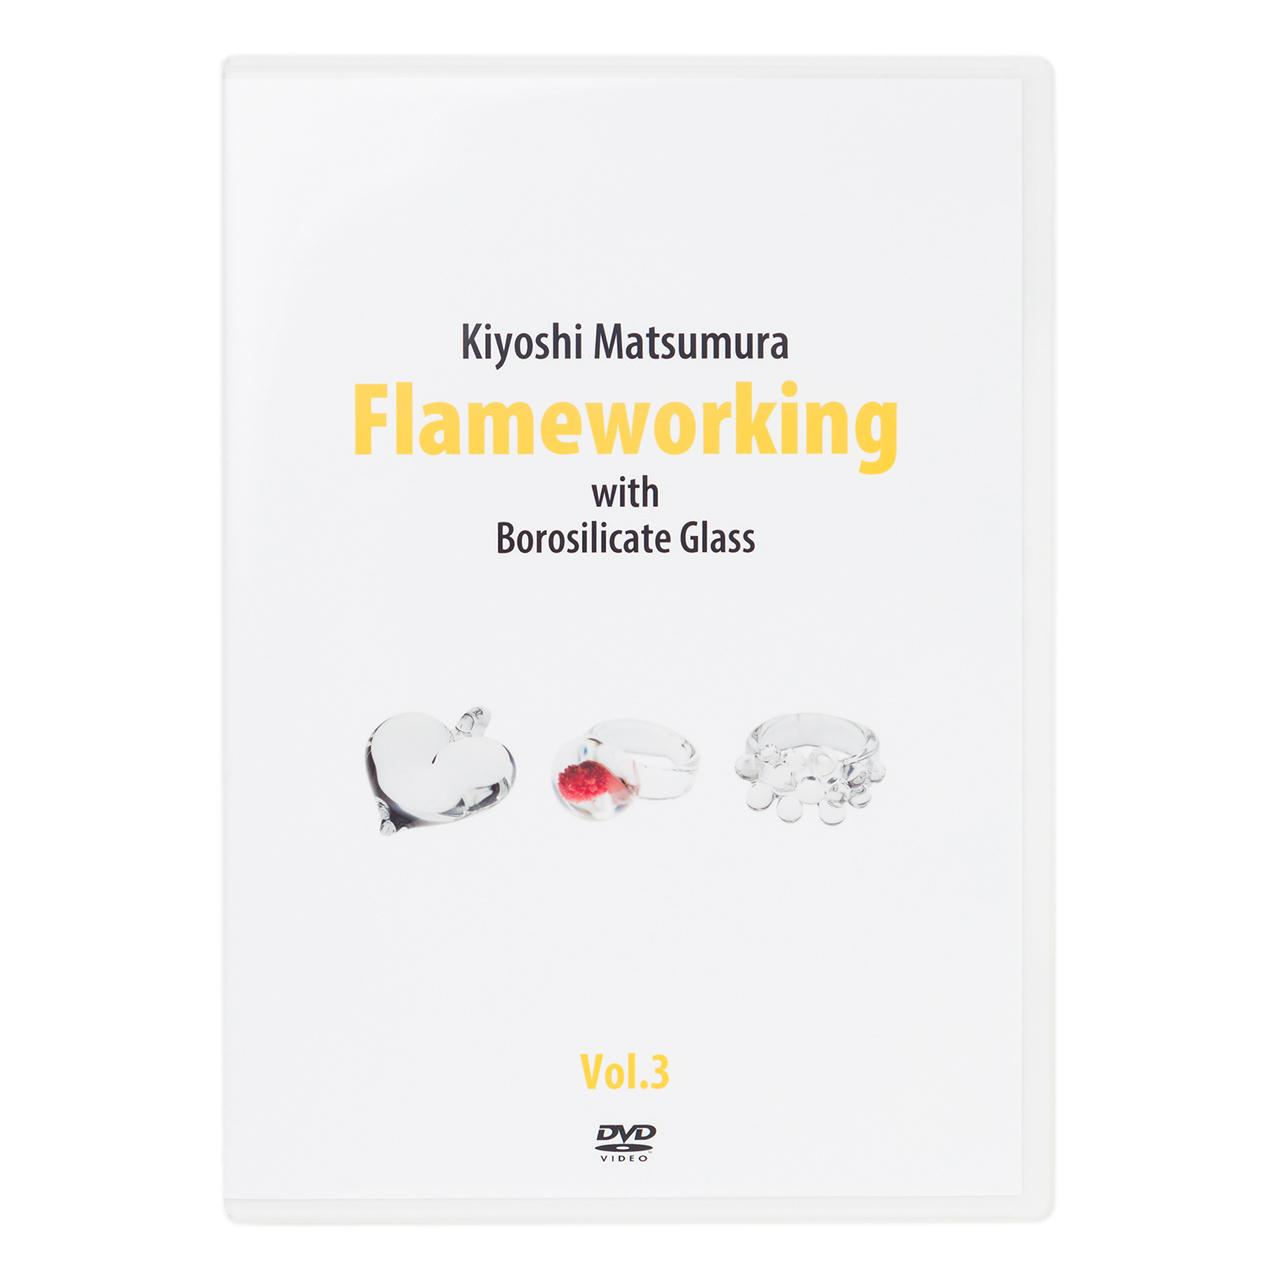 松村潔 Flameworking Vol.3 DVD